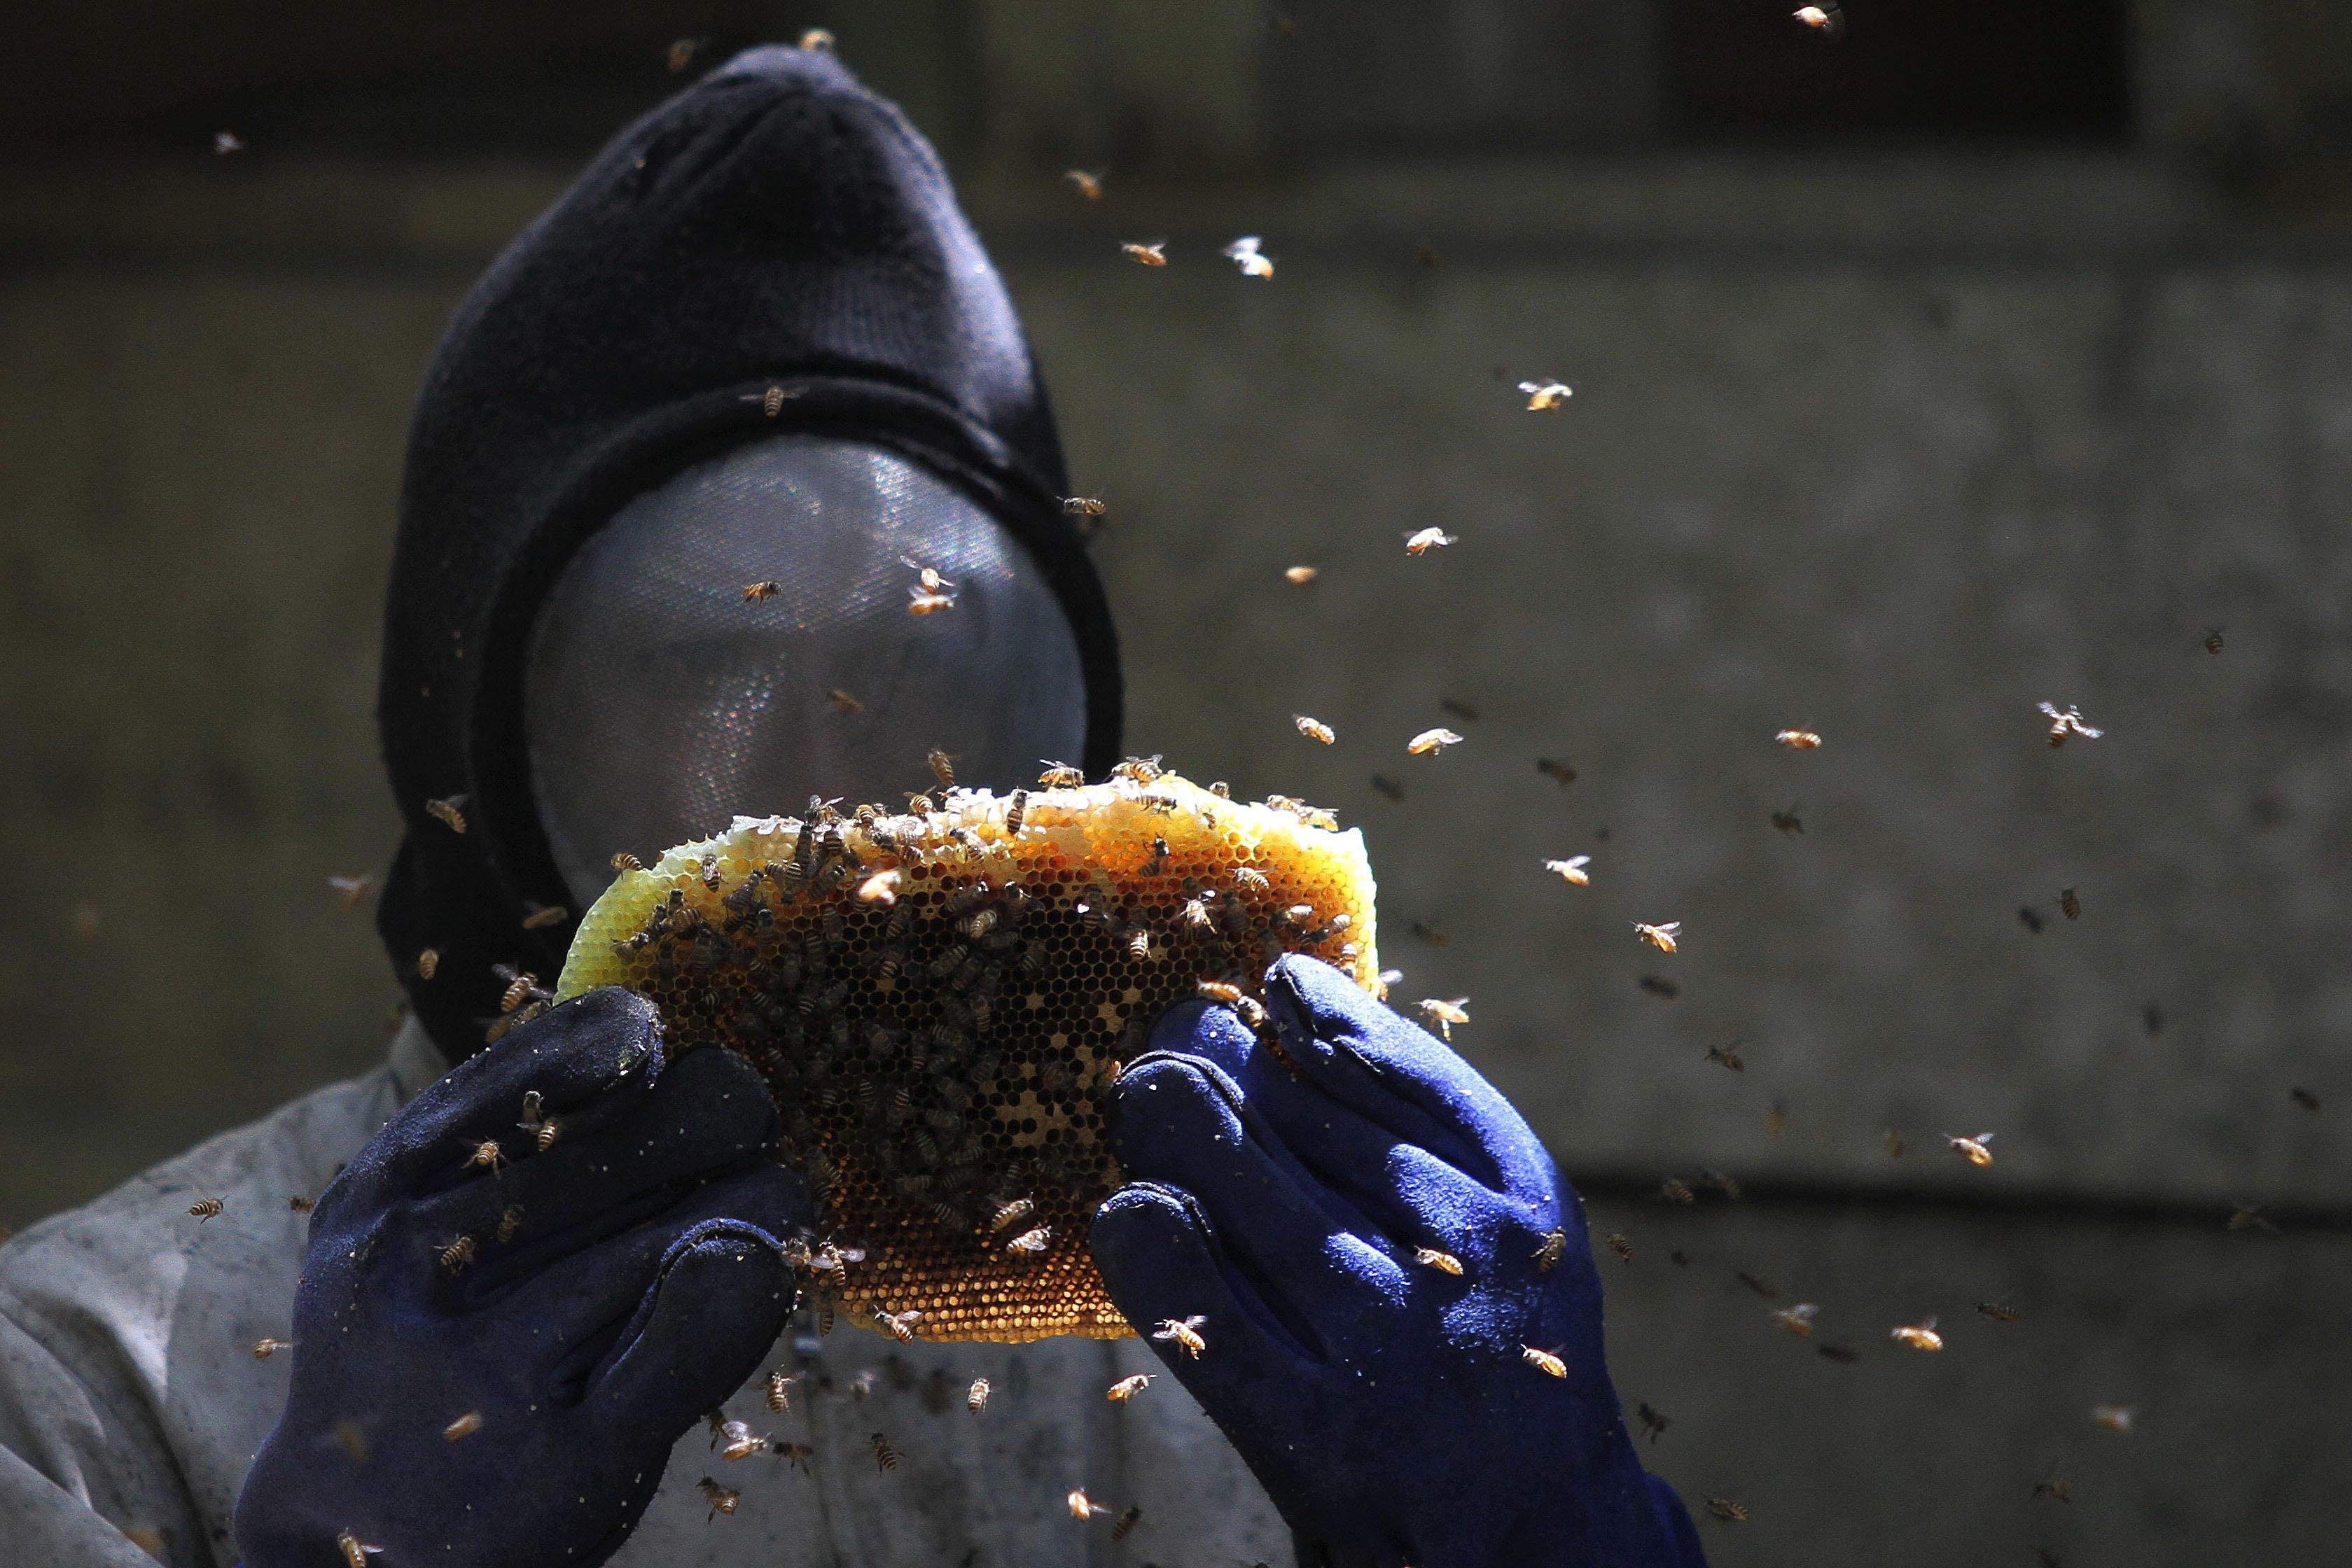 Petani memanen sari madu dari lebah Apis indica di Desa Landono 2, Kecamatan Landono, Konawe Selatan, Sulawesi Tenggara.